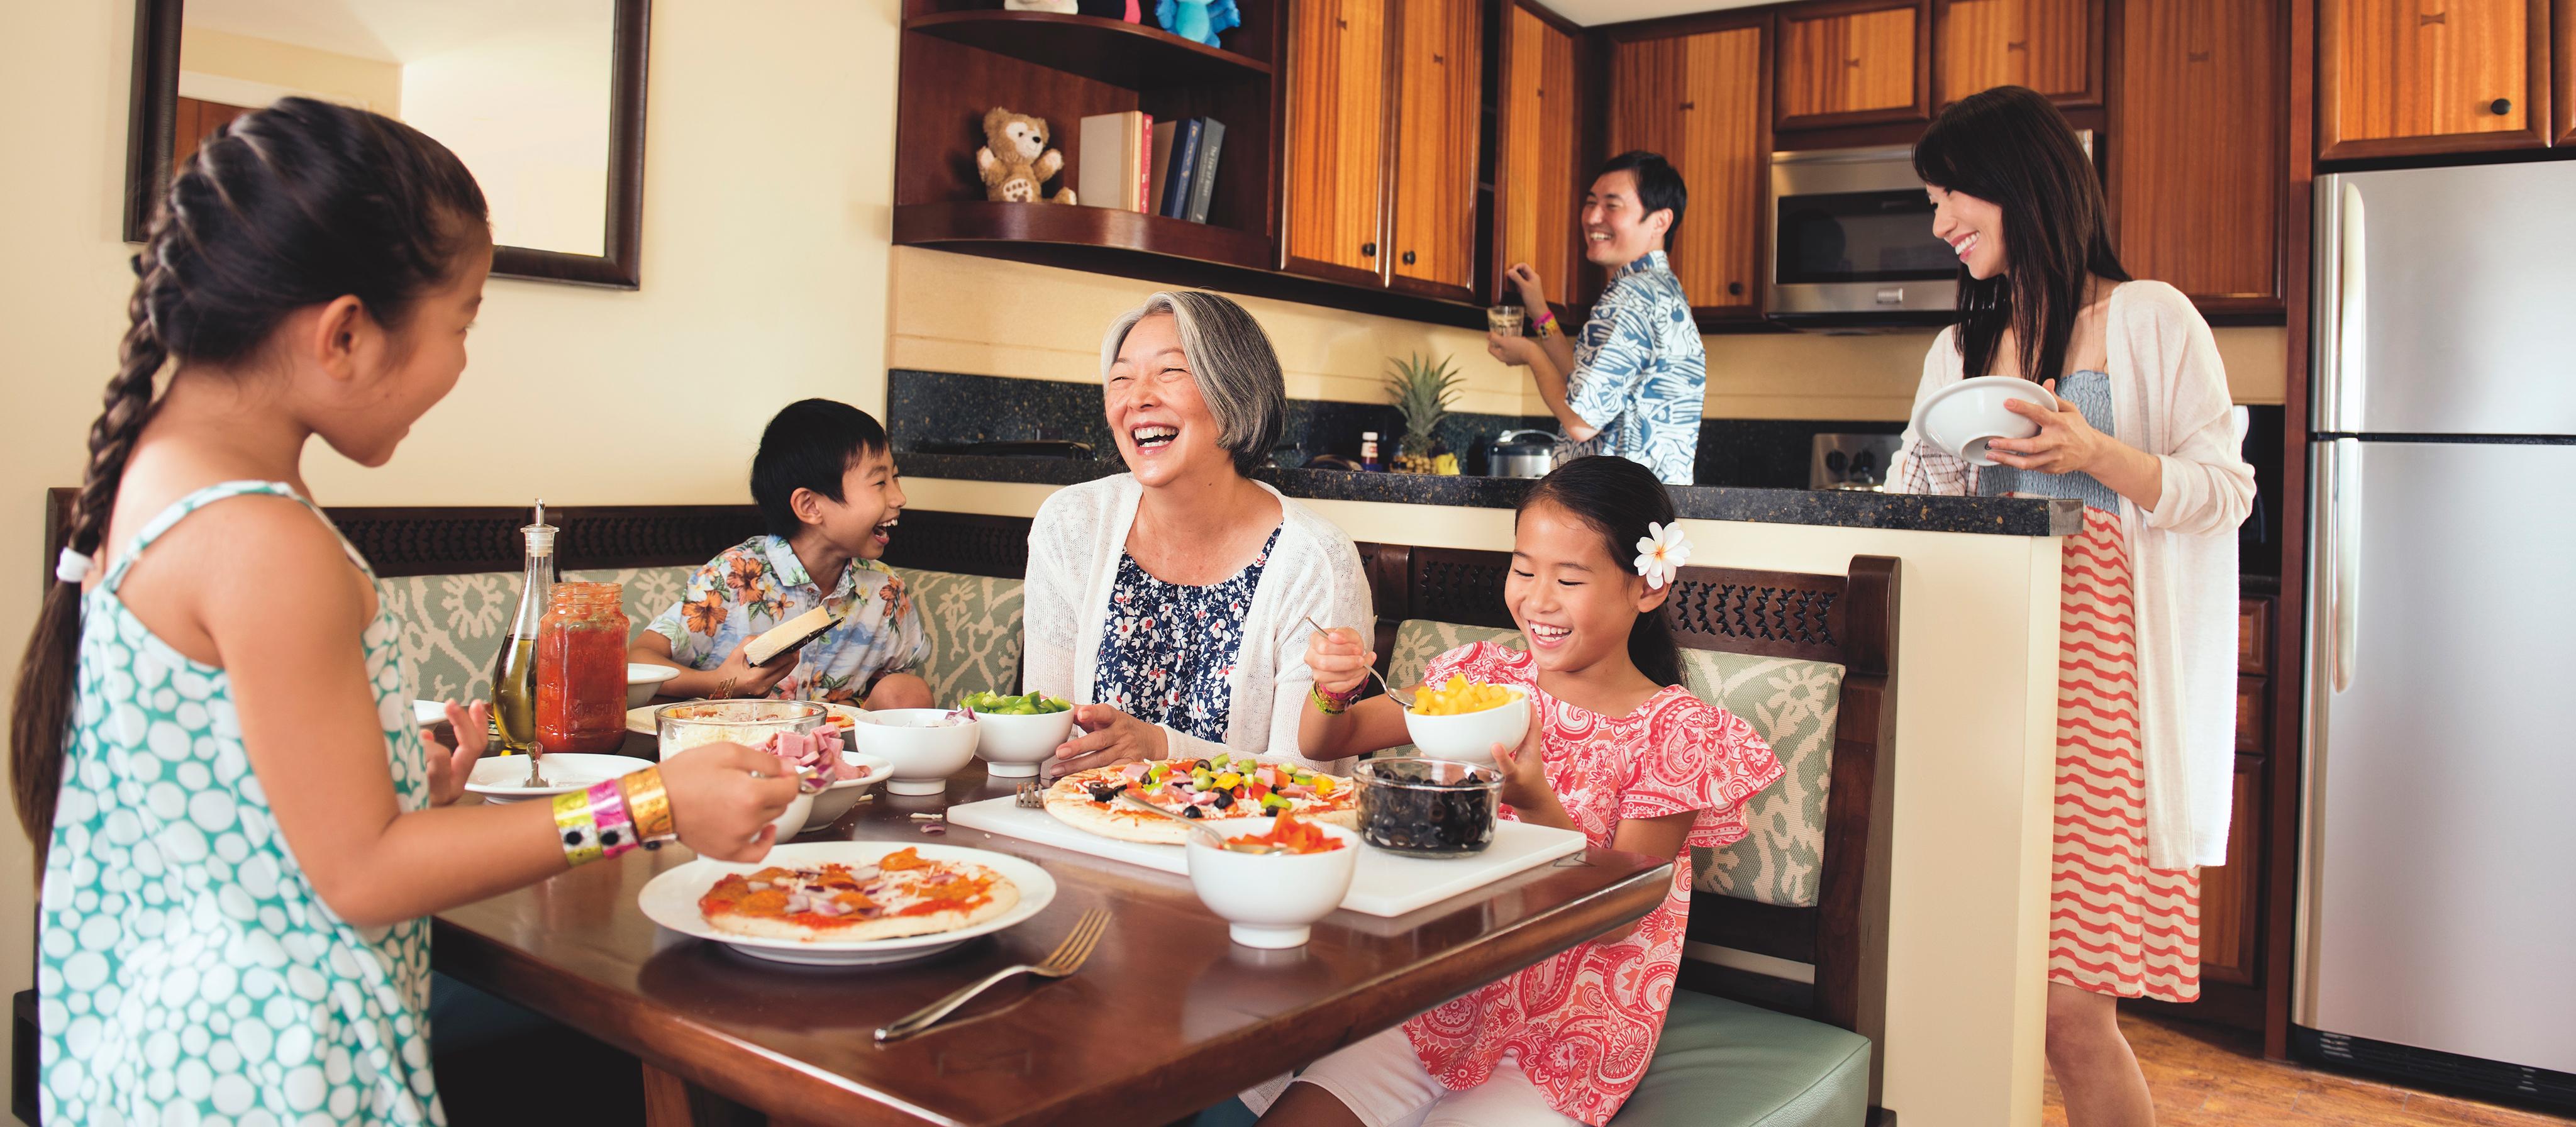 ヴィラのダイニングエリアとキッチンエリアでテーブルを囲んで食事を楽しむ 6 人の家族